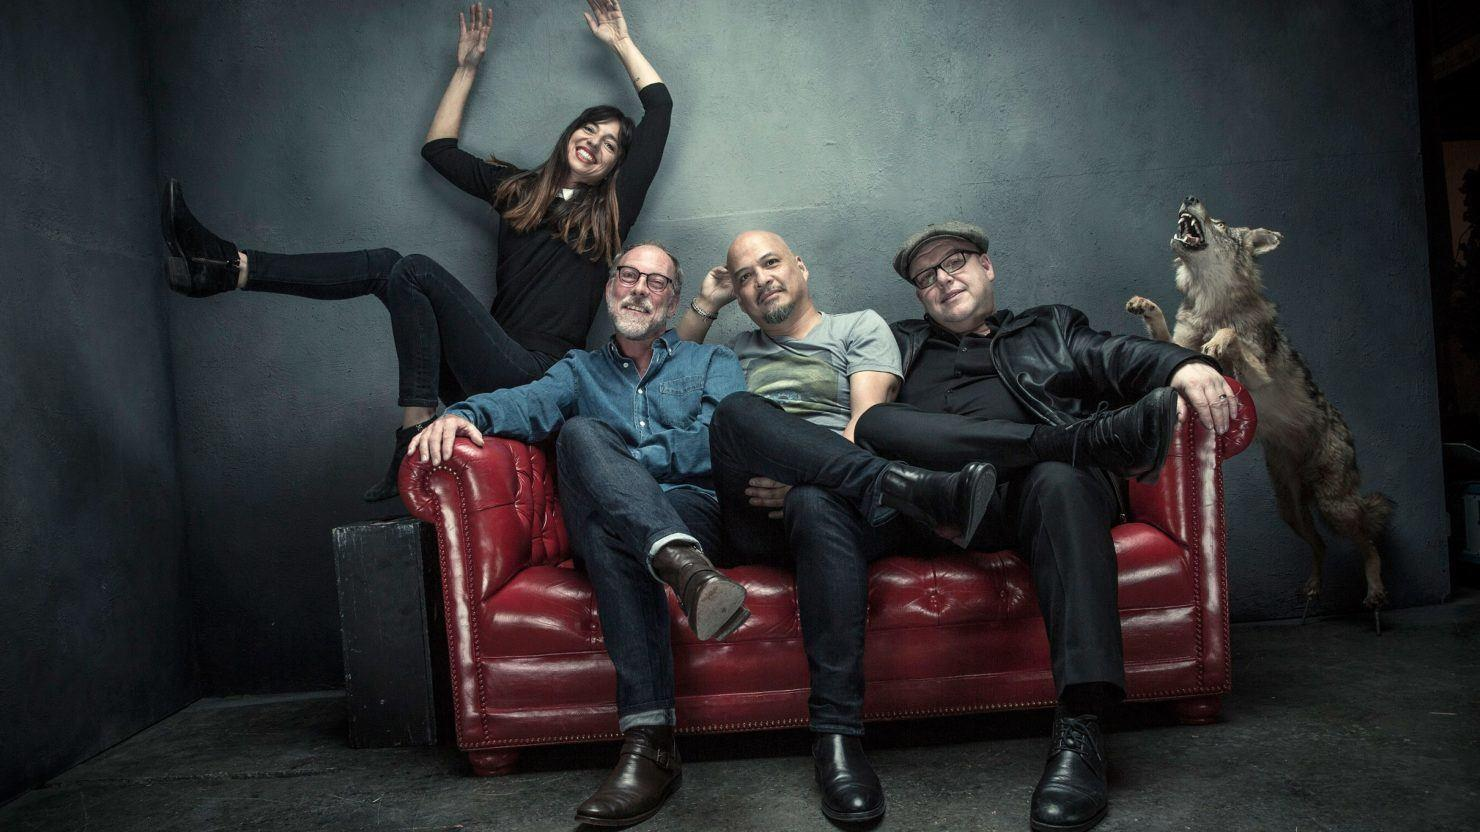 Les Pixies dévoilent le titre St. Nazaire, avant la sortie de leur nouvel album demain